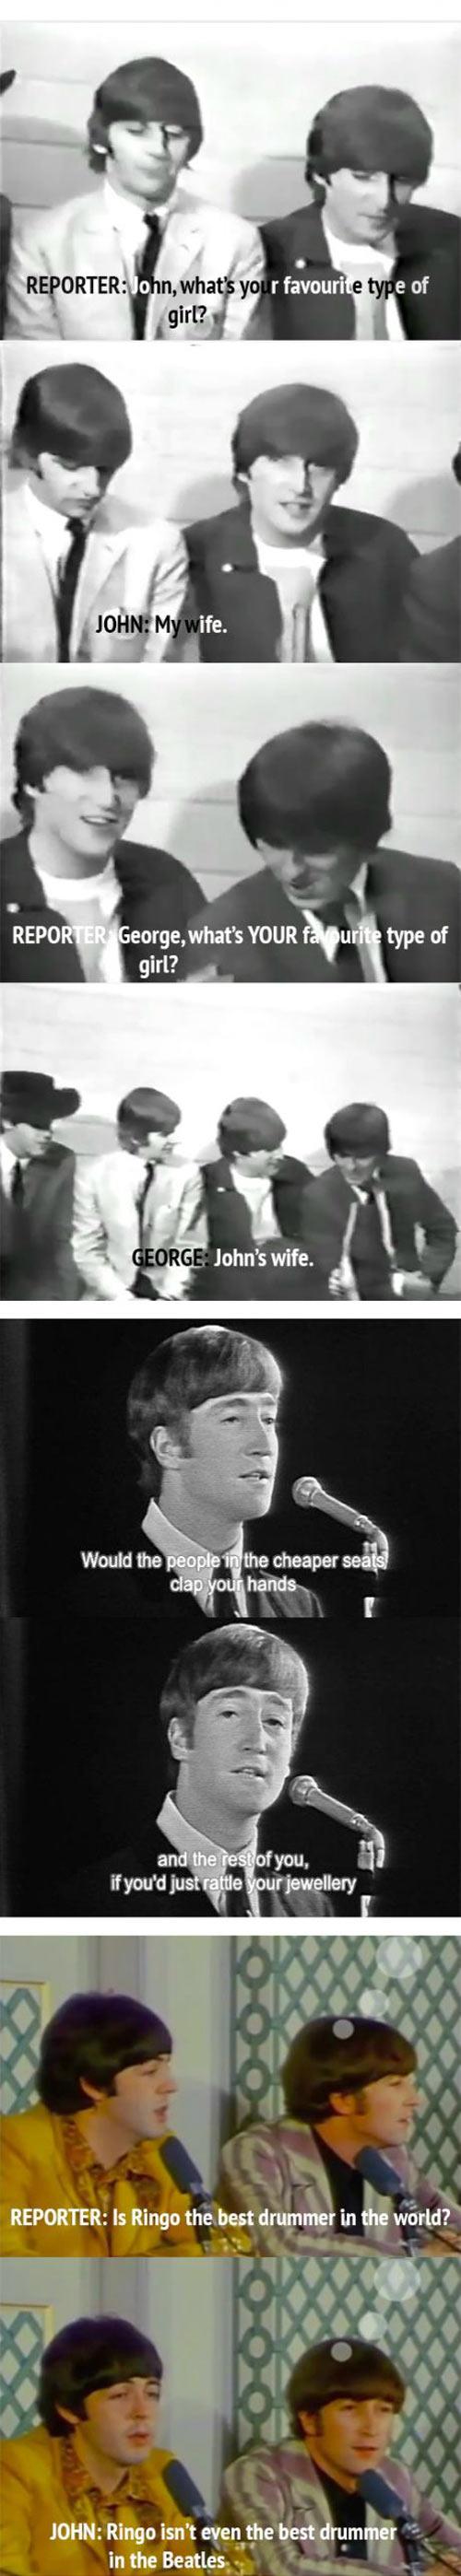 funny-Beatles-reporter-Ringo-best-drummer